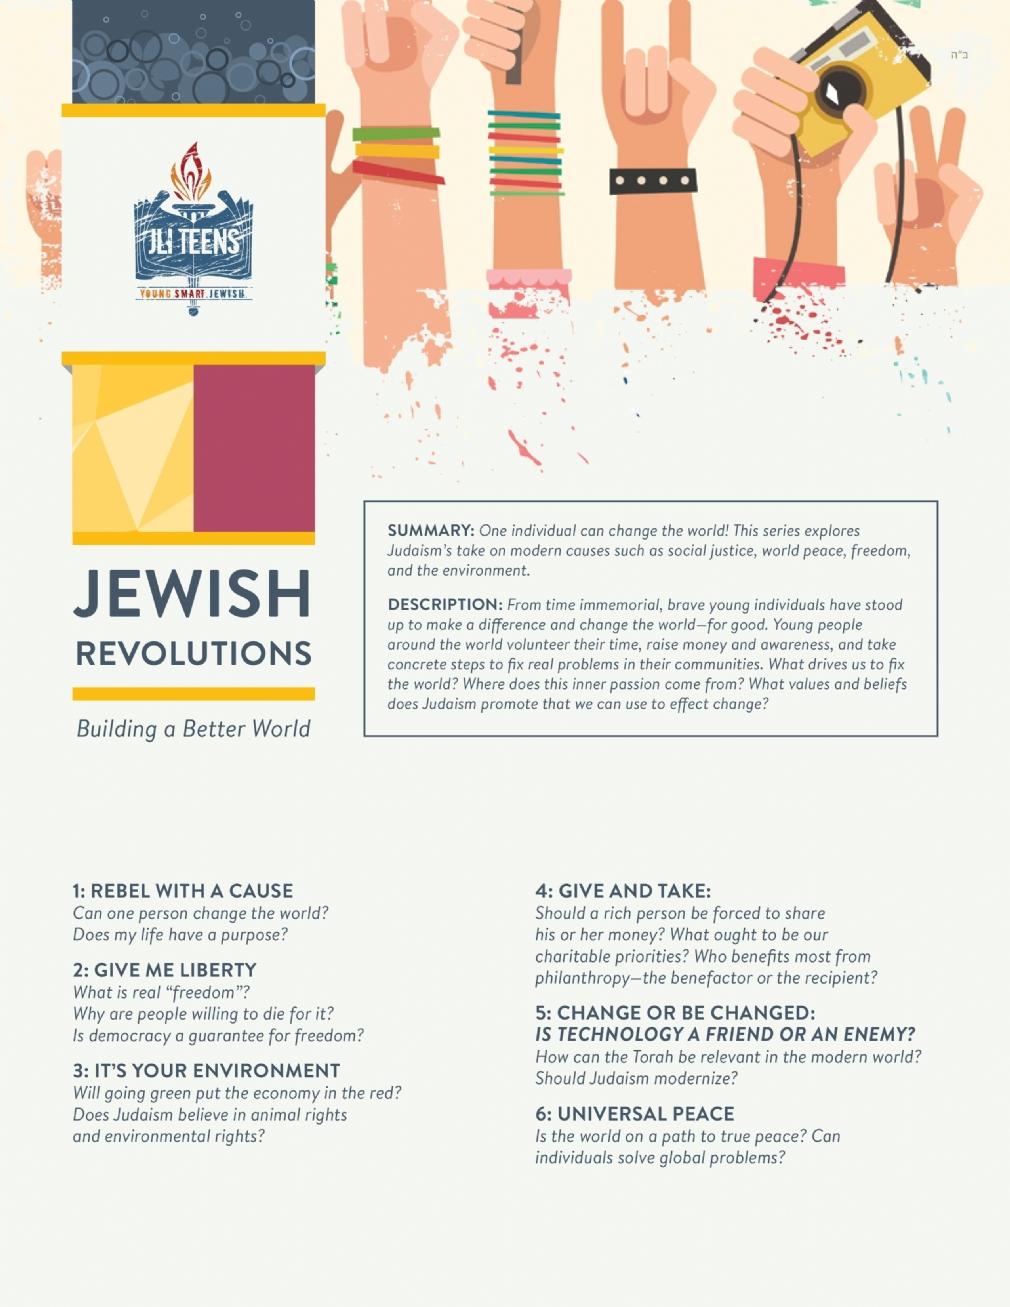 Jewishrevolutions.jpg